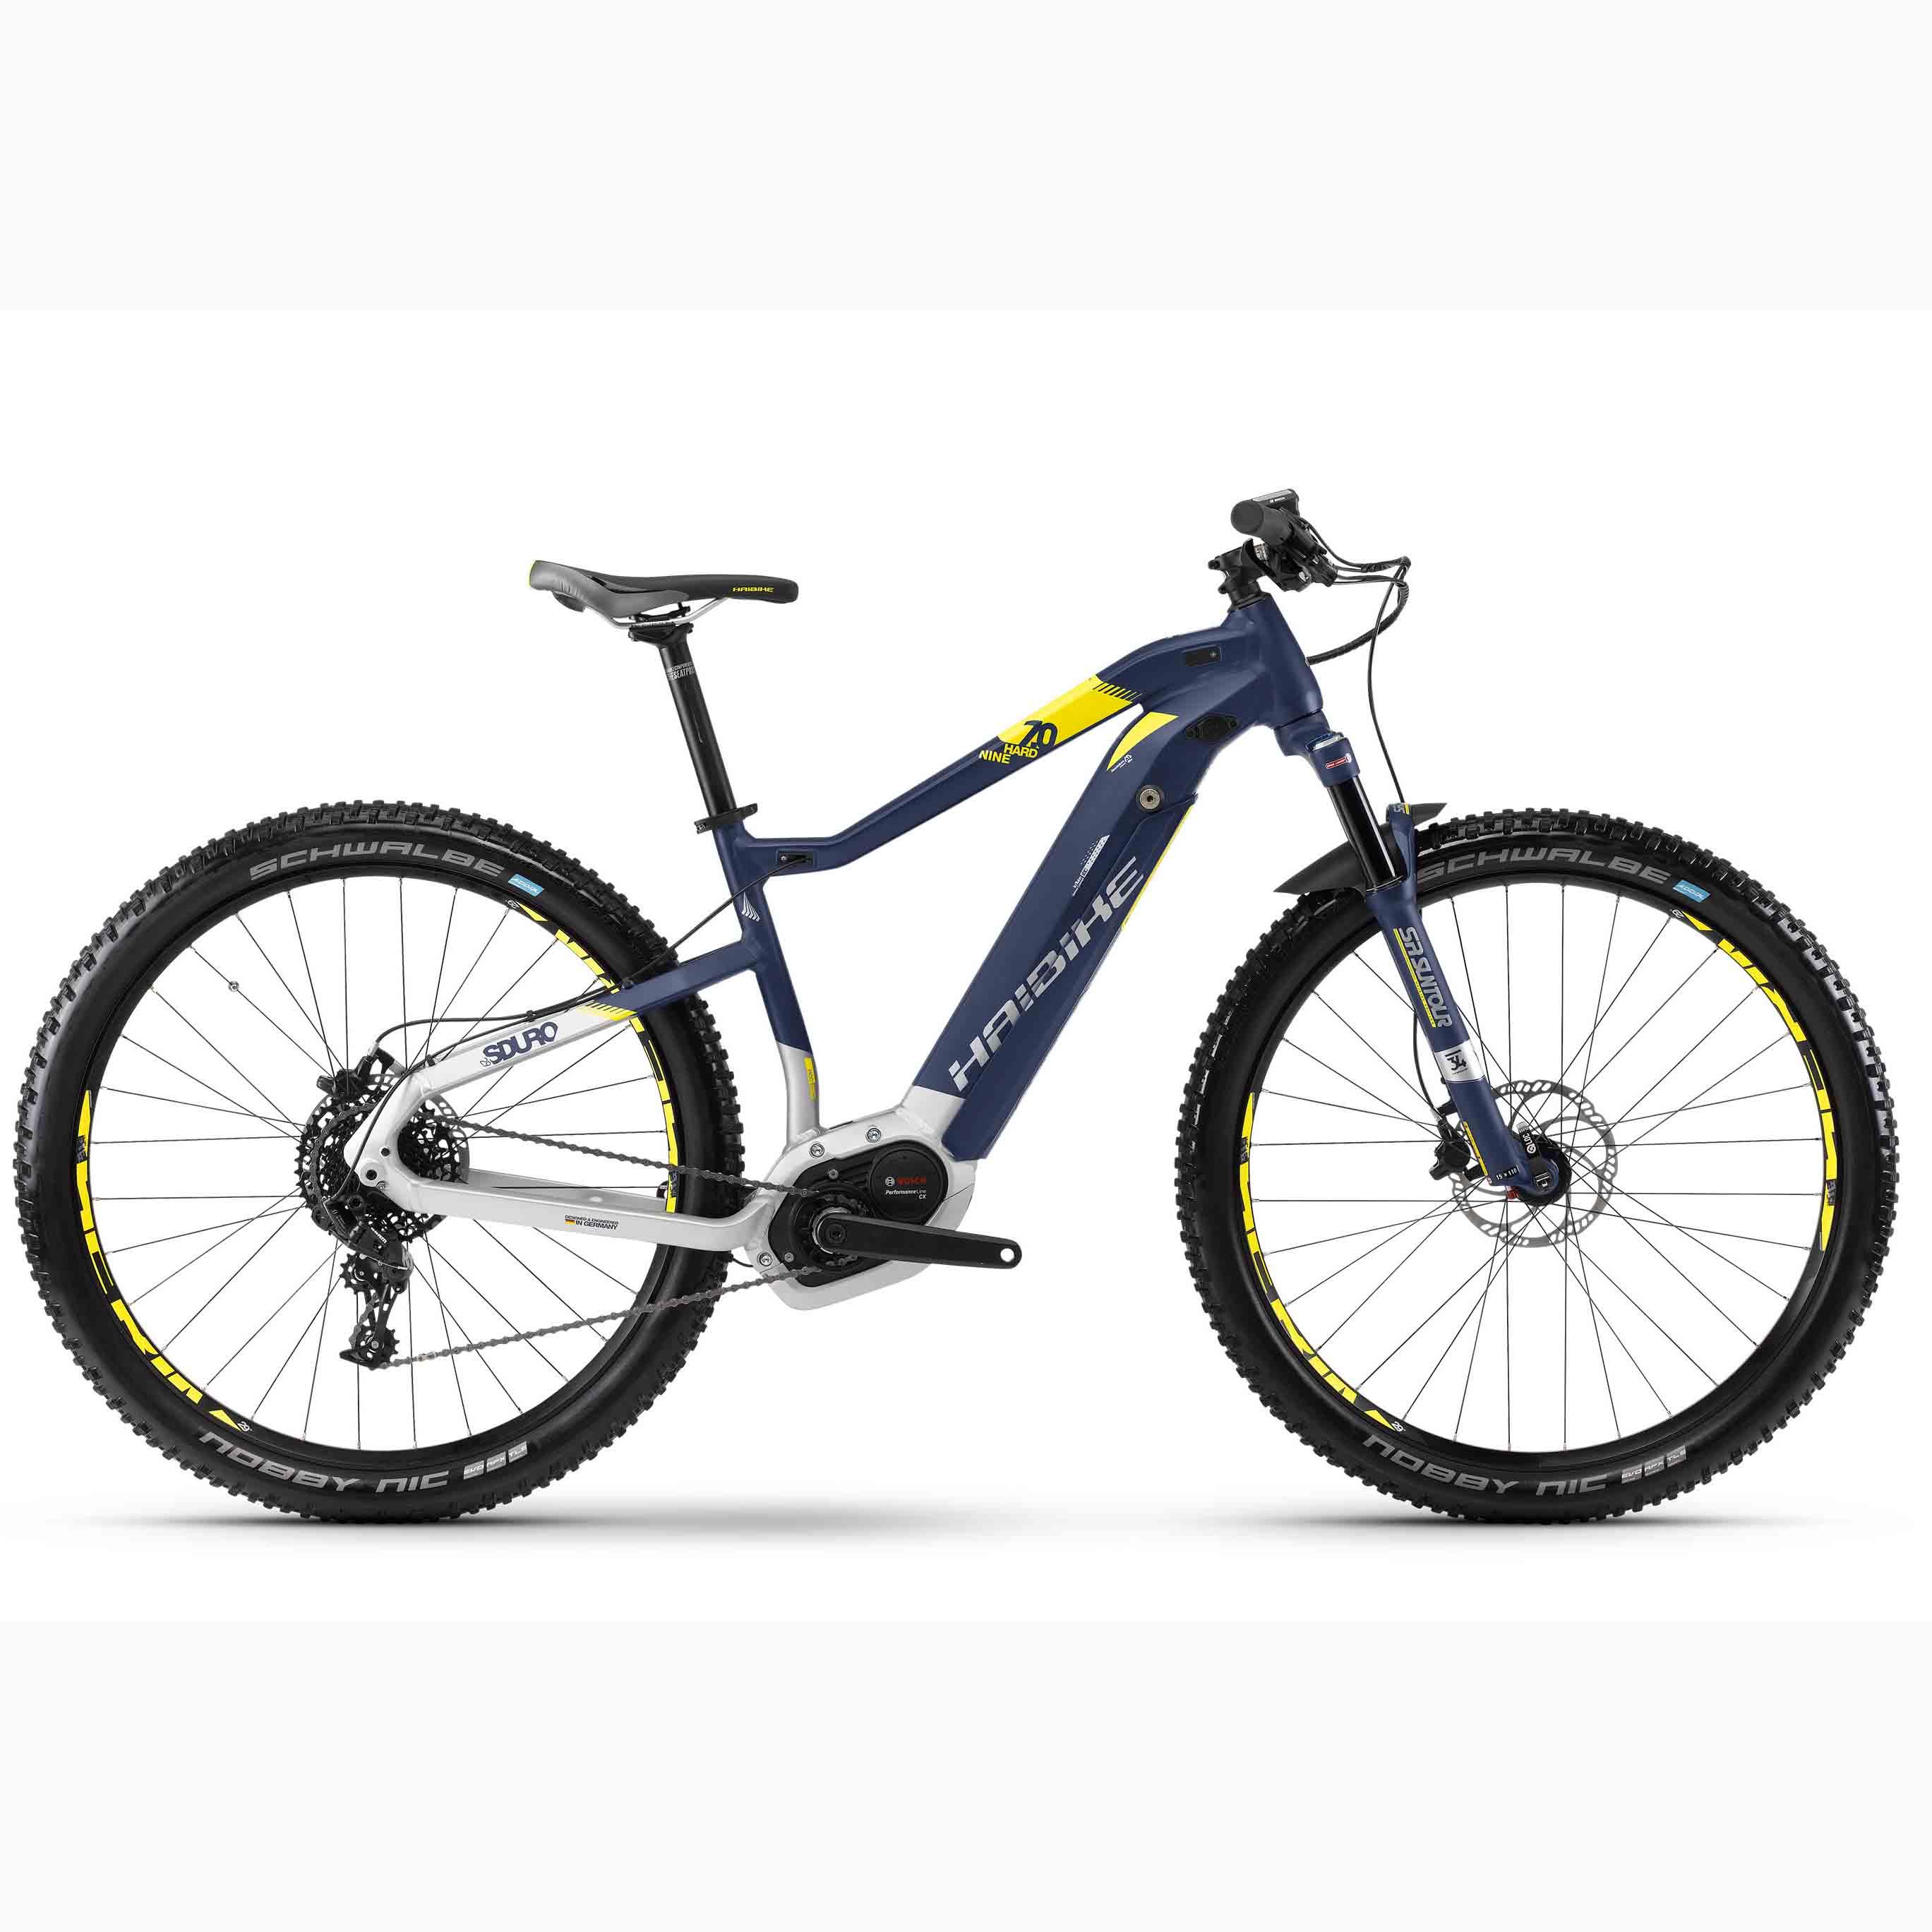 Фото Велосипед Haibike SDURO HardNine 7.0 29″ 500Wh, рама 48см, 2018